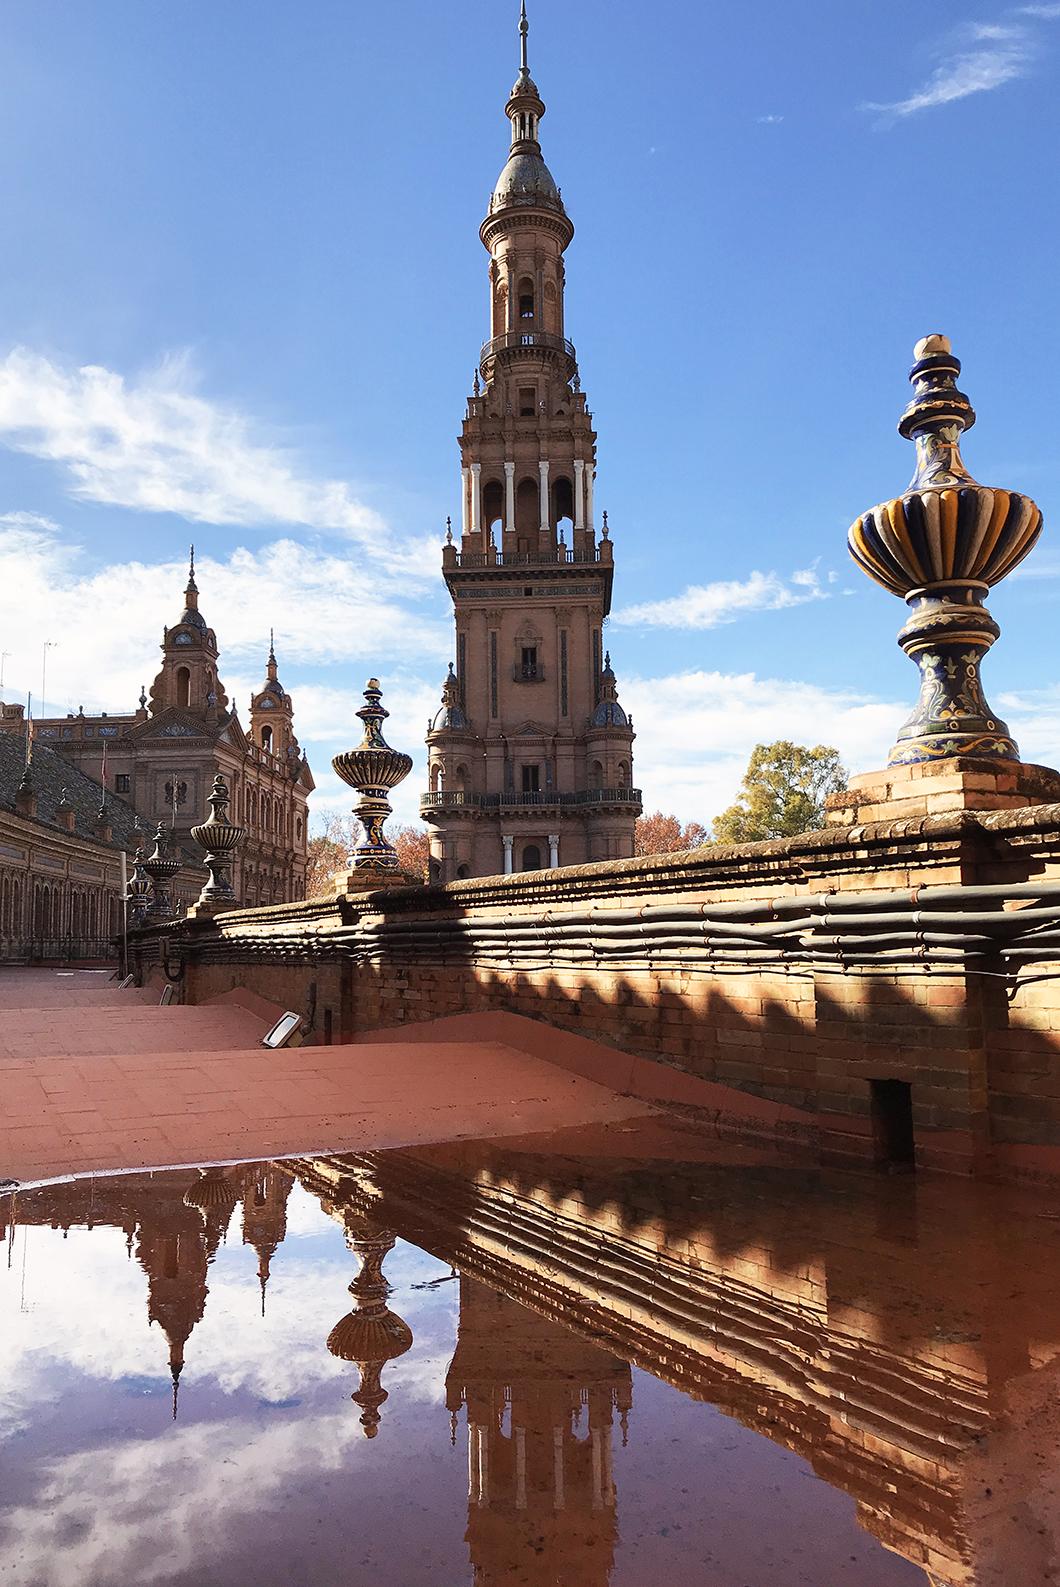 Plaza de España & Quartier Santa Cruz